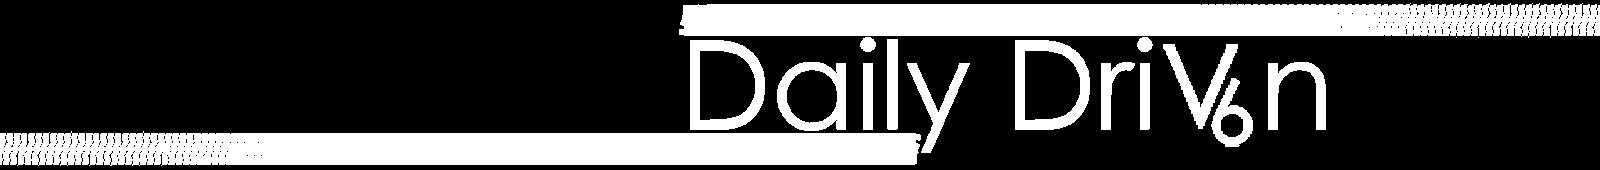 Daily Driv6n